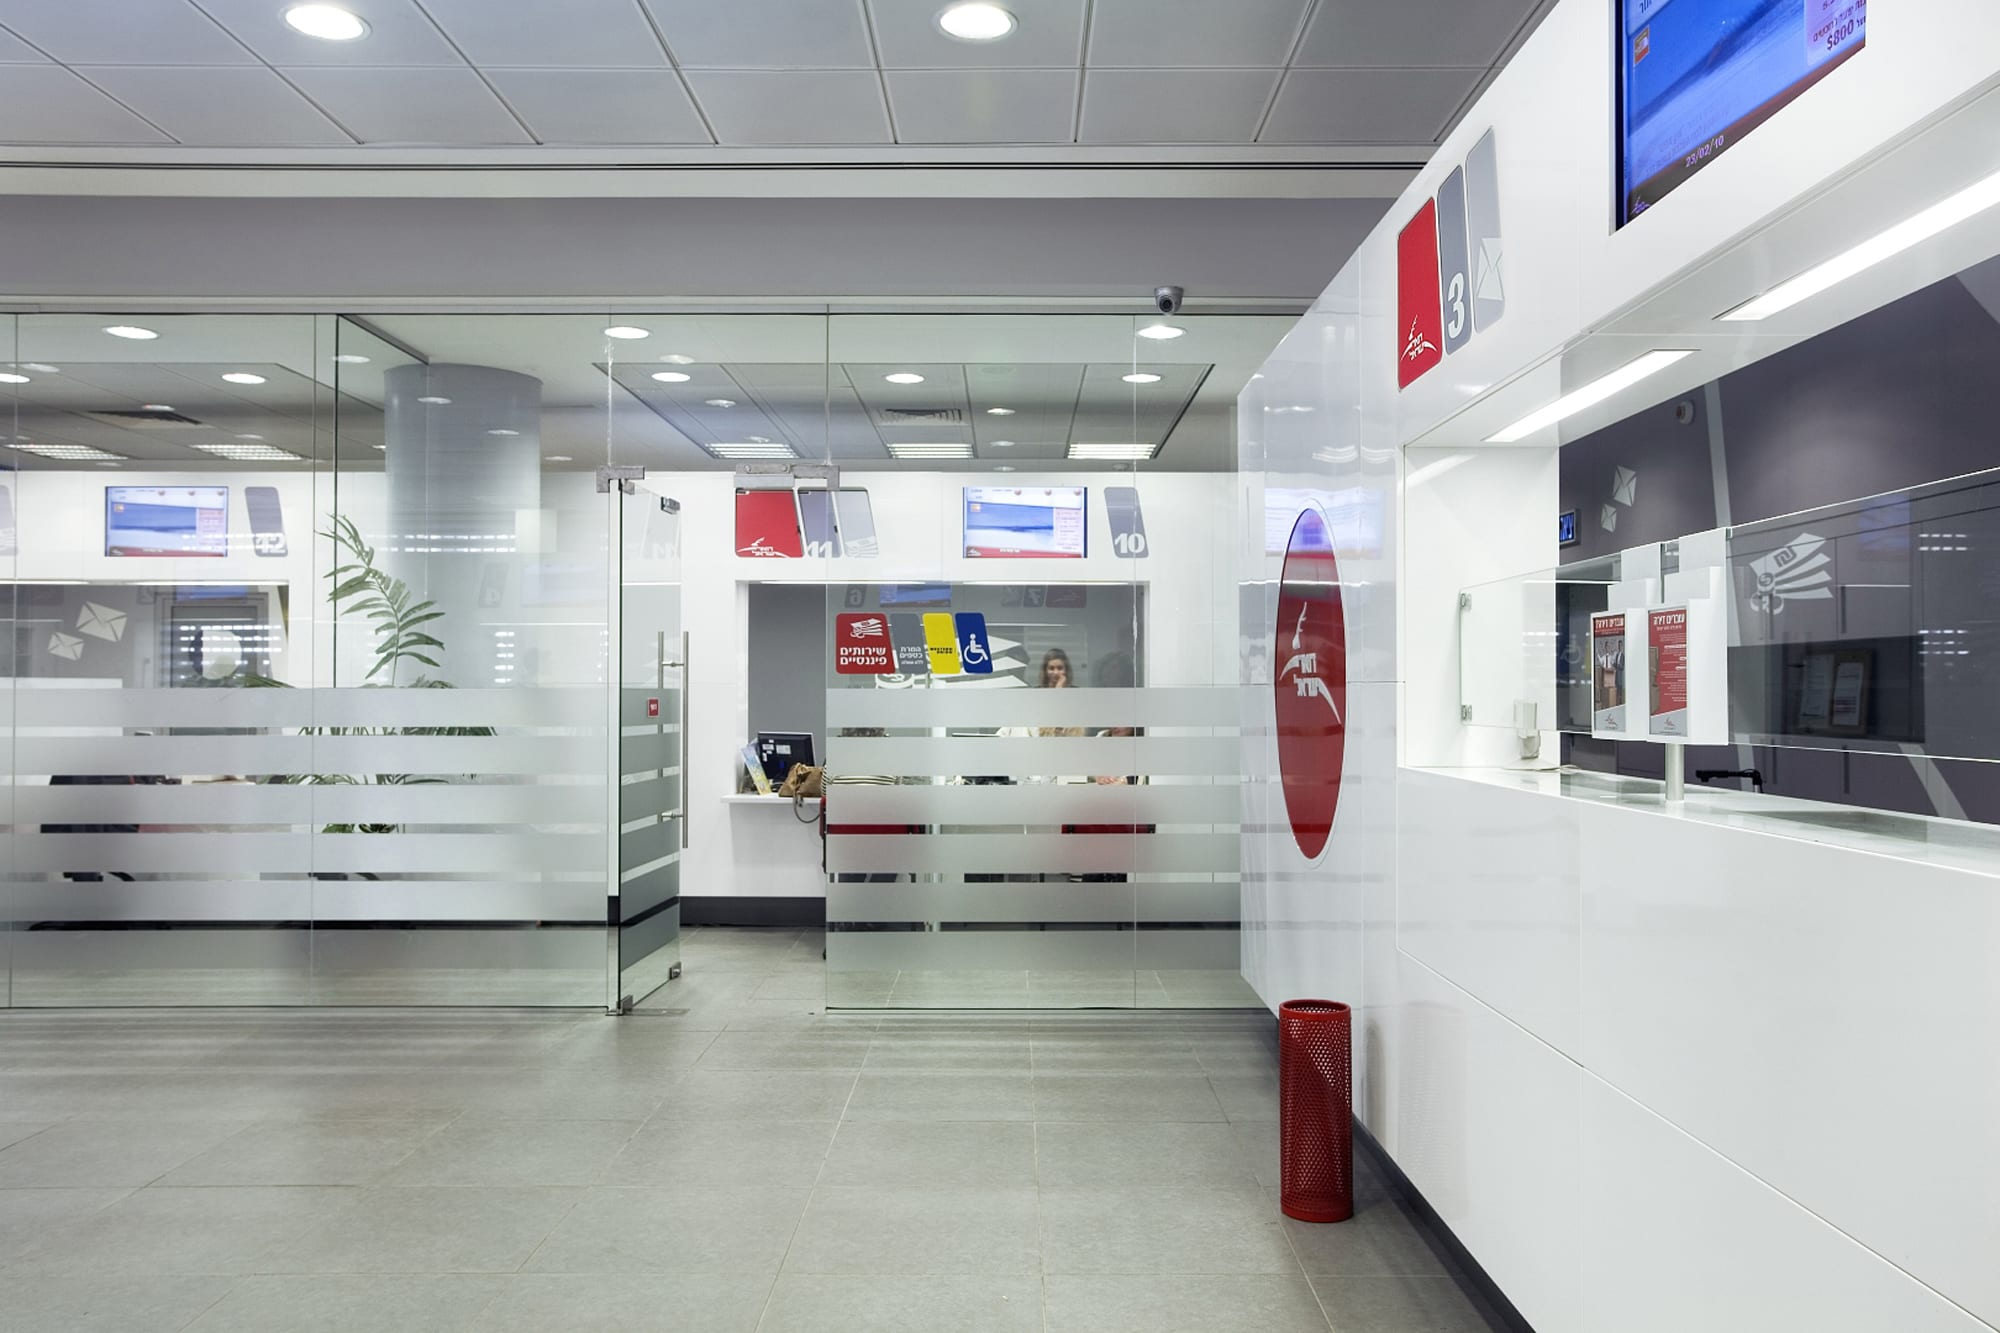 תכנון ועיצוב דואר ישראל